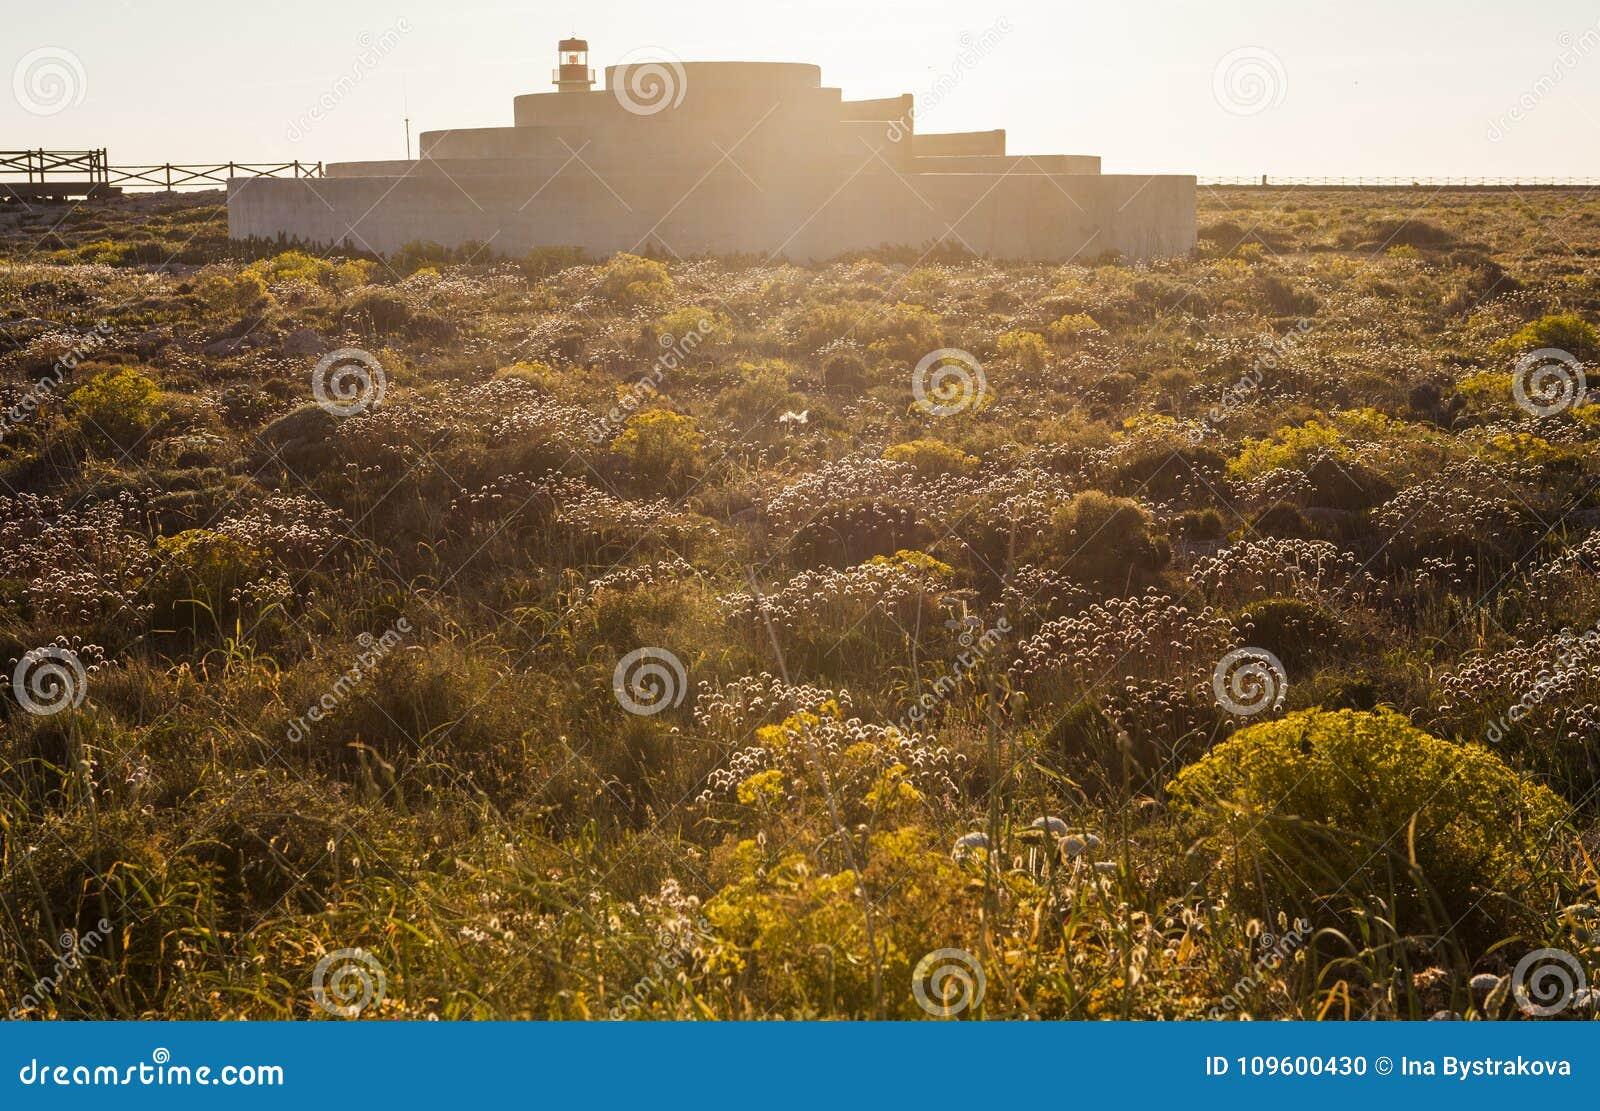 Landschaft von Süd-Portugal, Algarve Region